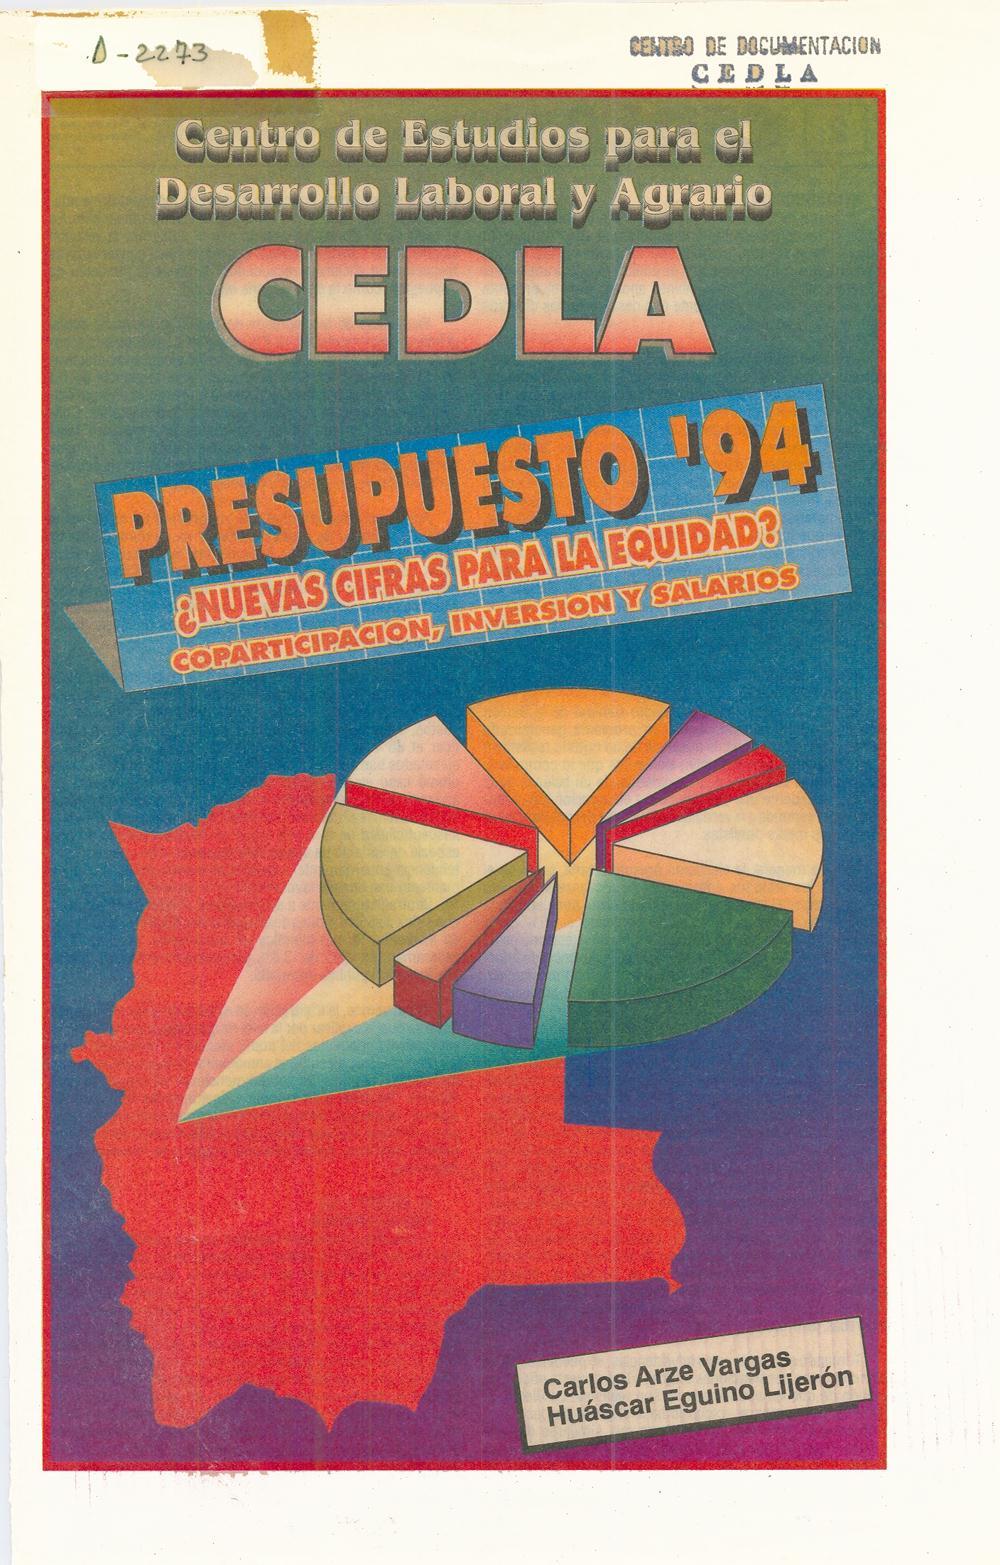 presupuesto_94_nuevas_cifras_para_la_equidad_001